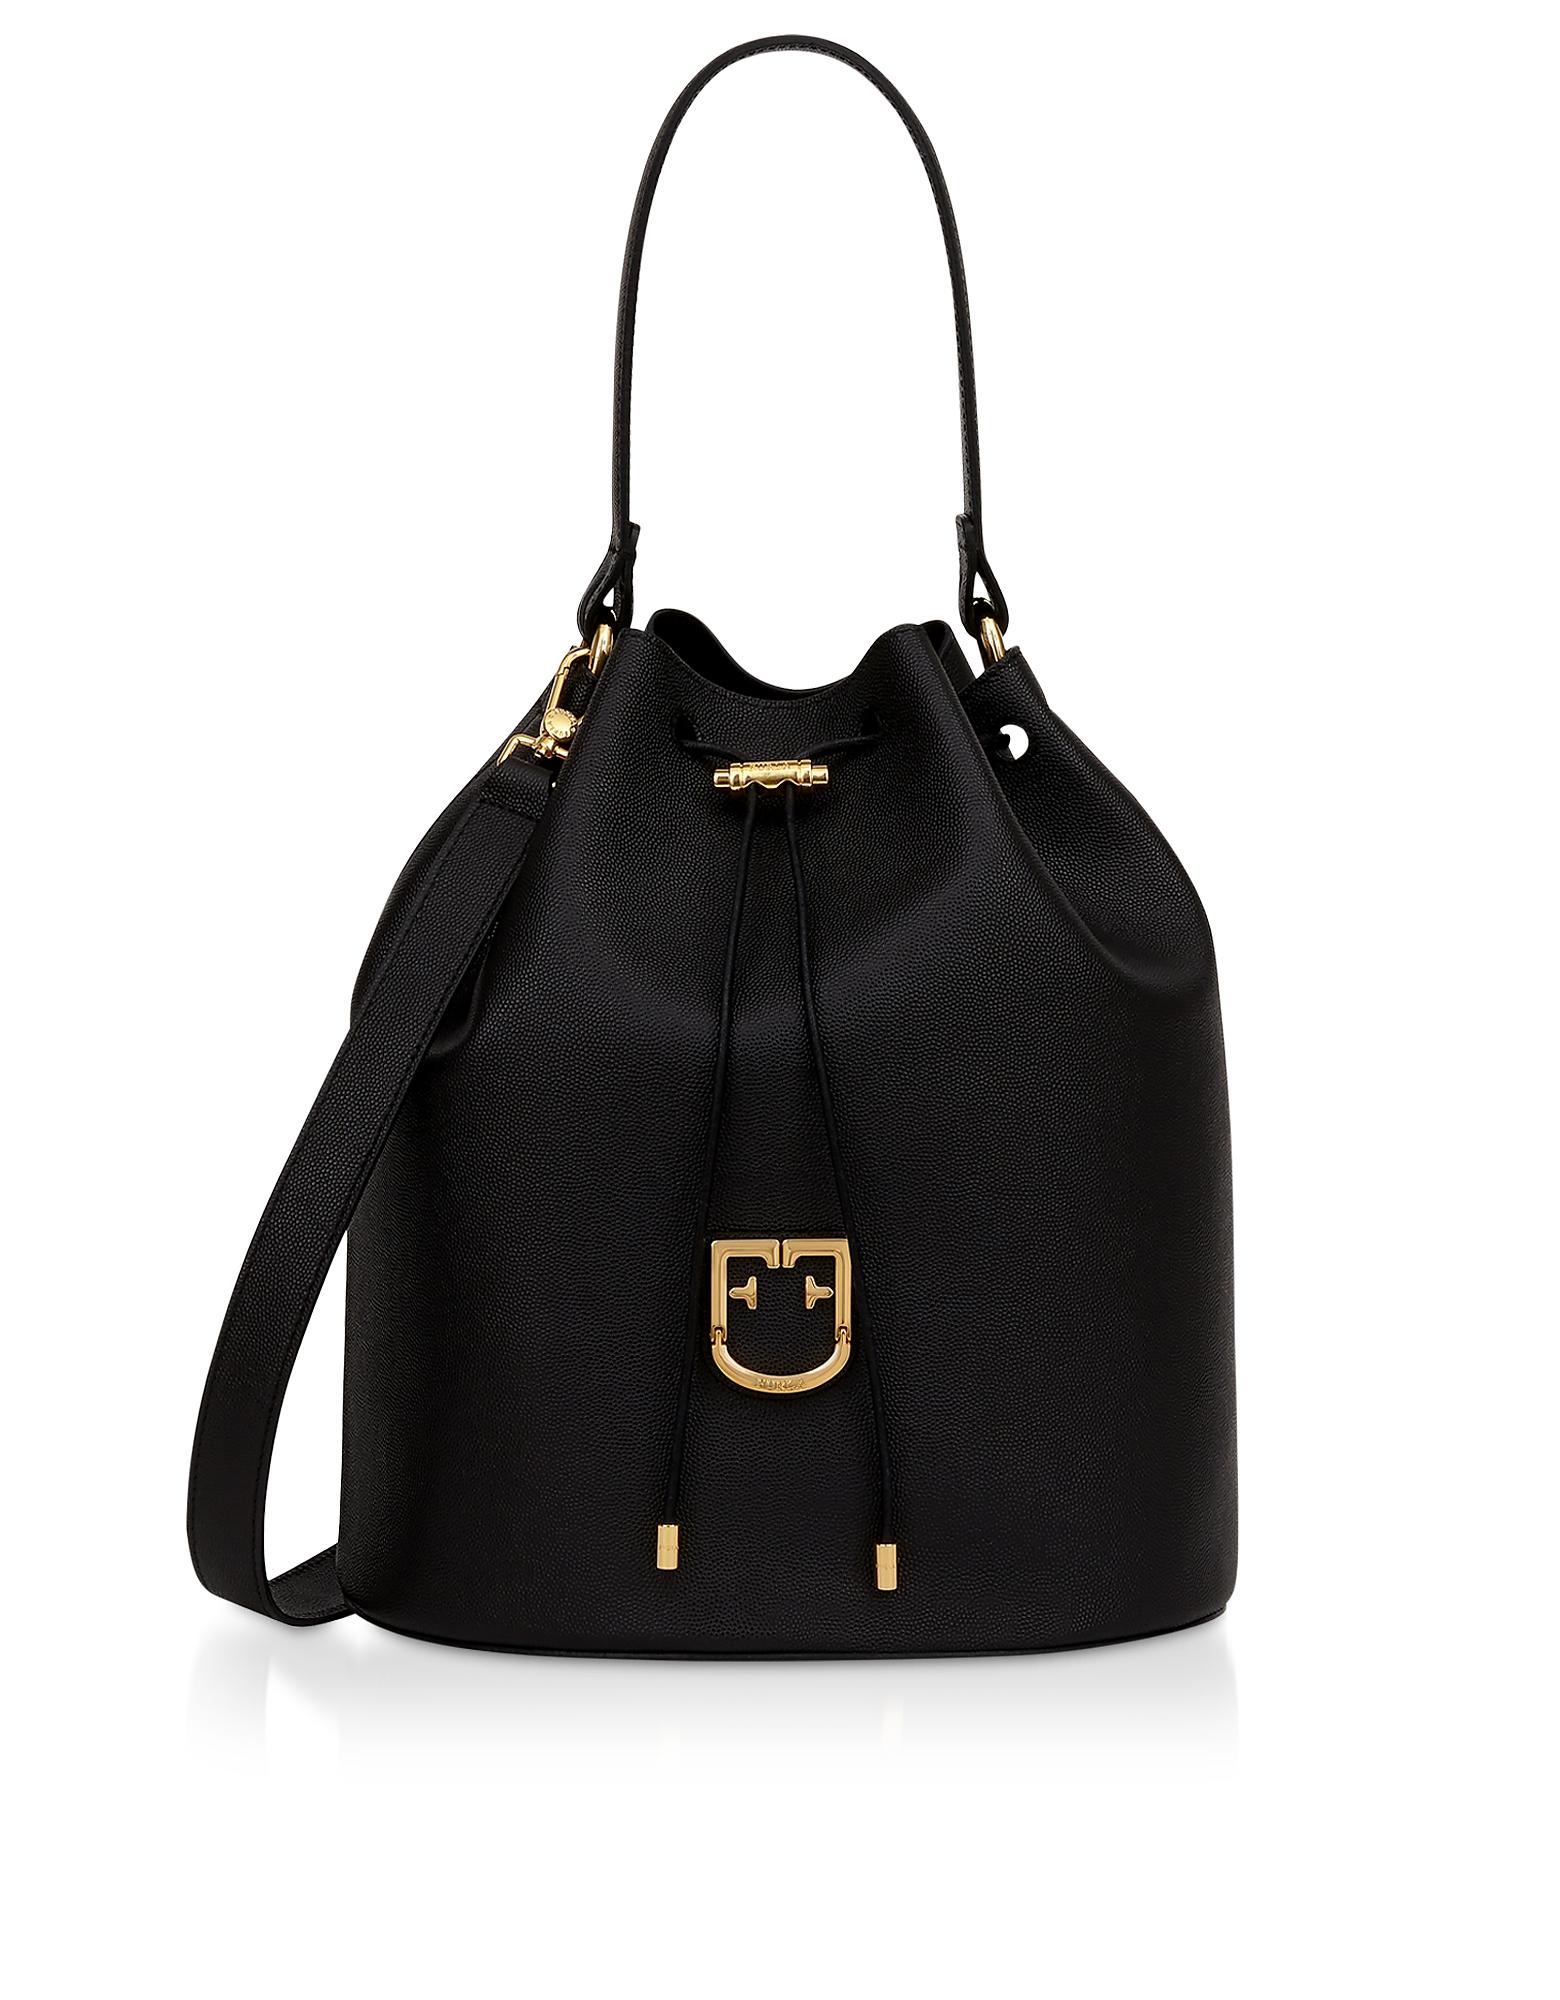 Furla Designer Handbags, Corona M Drawstring Leather Bucket Bag